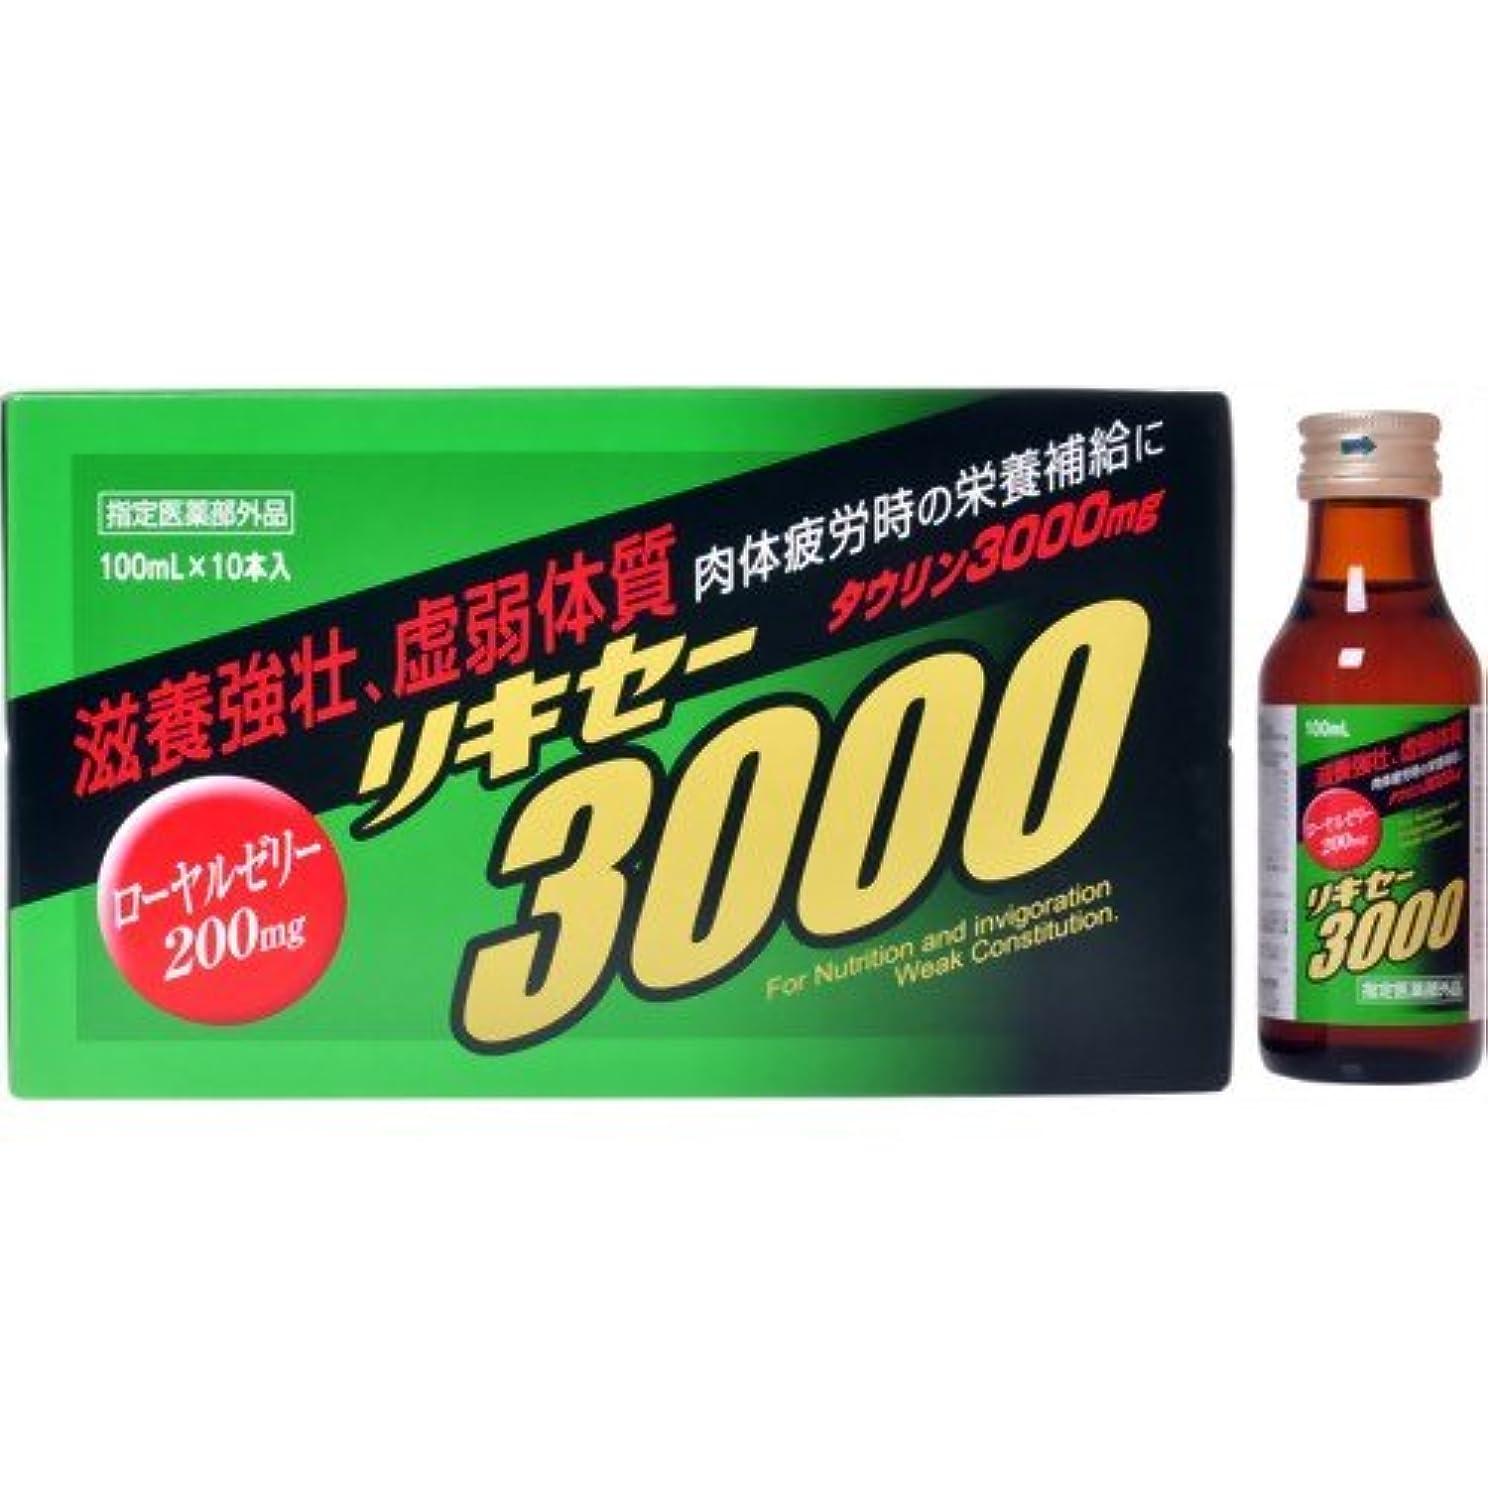 一般エンジニア酸化する田村 リキセー3000 100mlx10本 [指定医薬部外品]